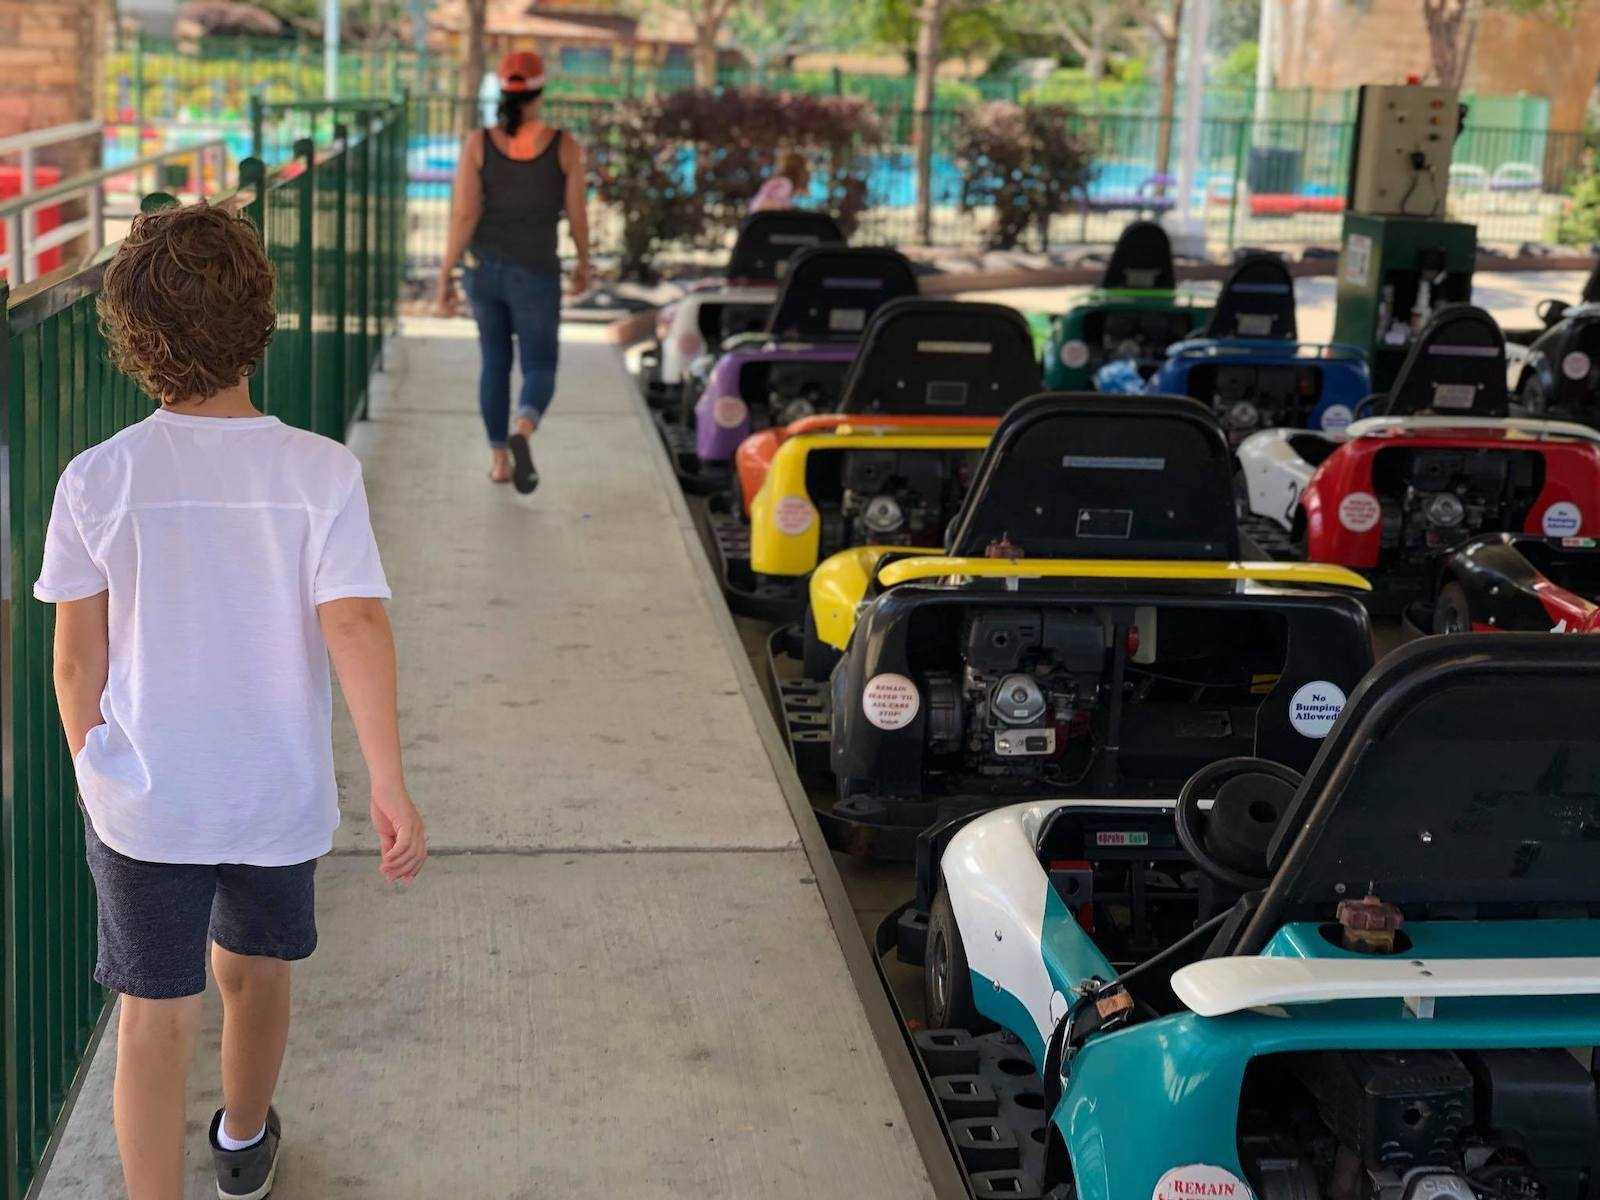 Kart Racetrack in Boondocks Fun Center, CO